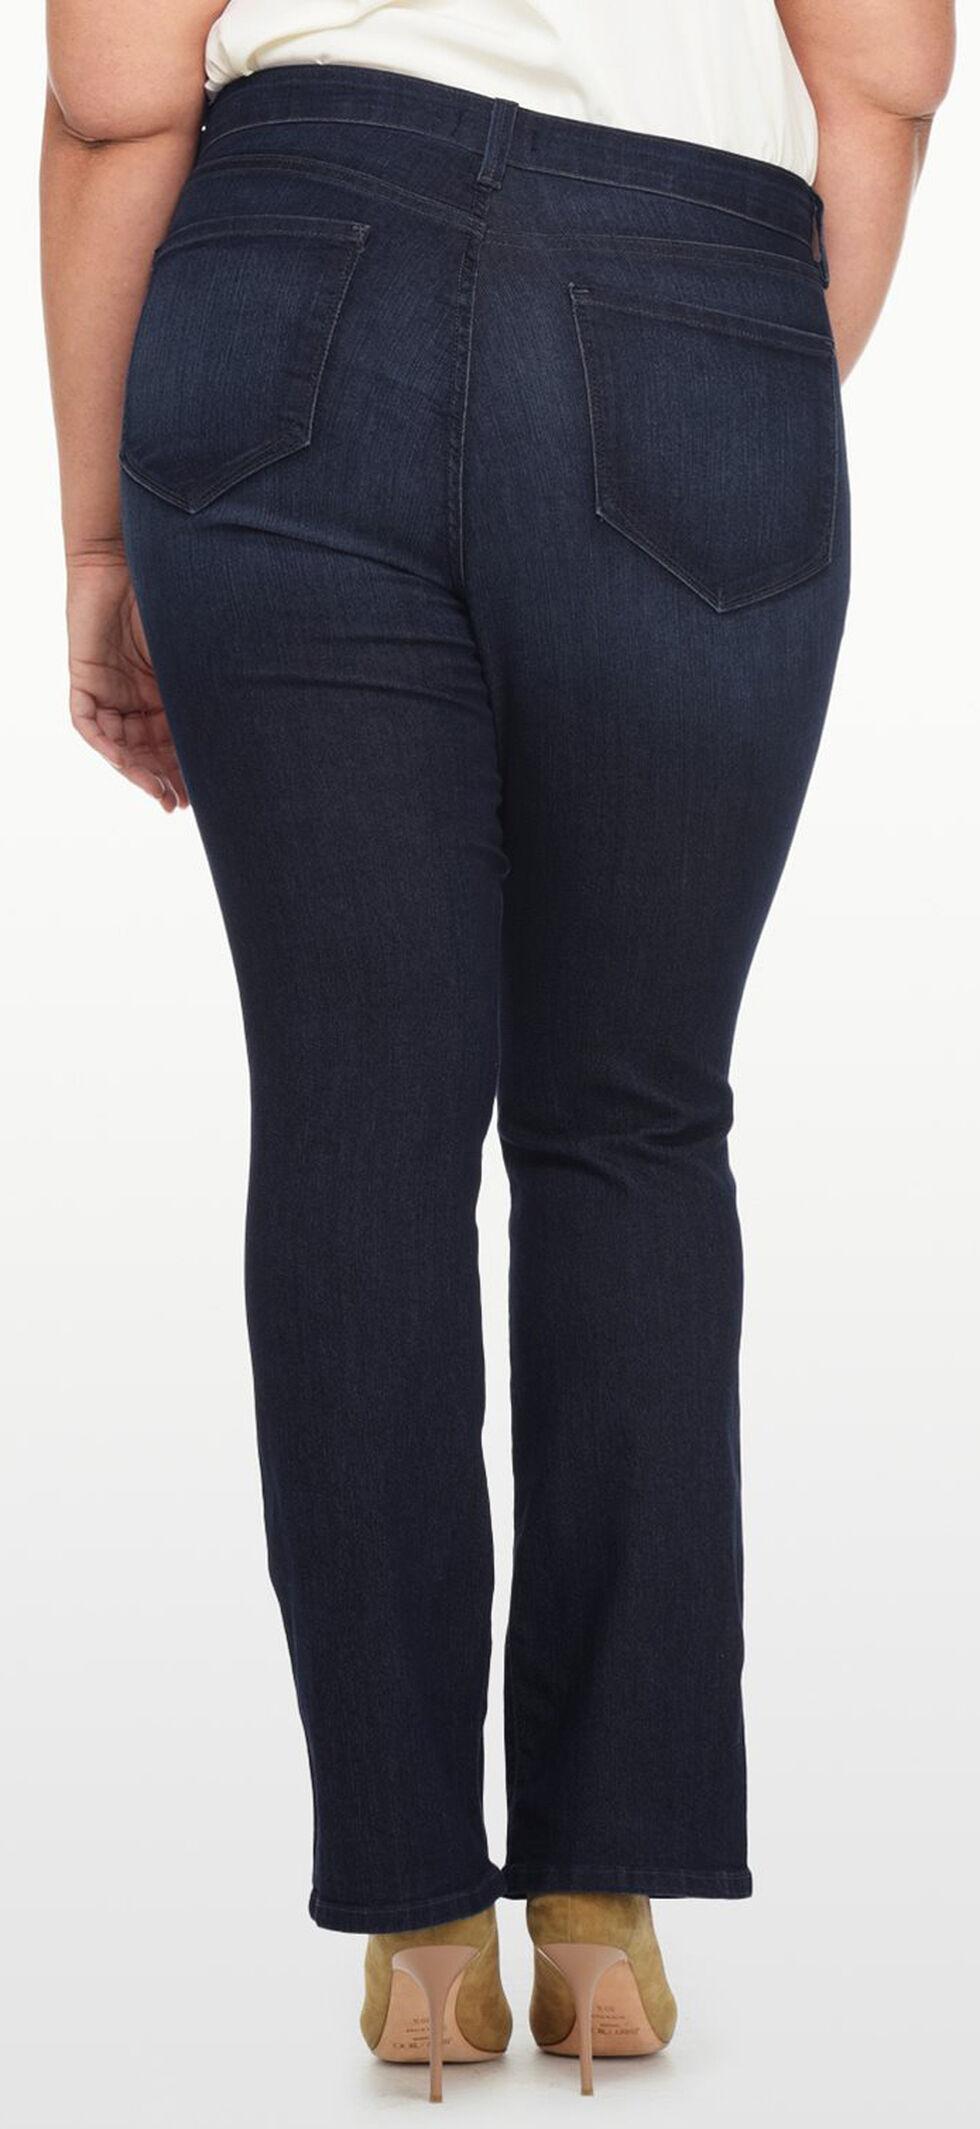 NYDJ Women's Billie Mini Bootcut Premium Denim Jeans - Plus, Indigo, hi-res